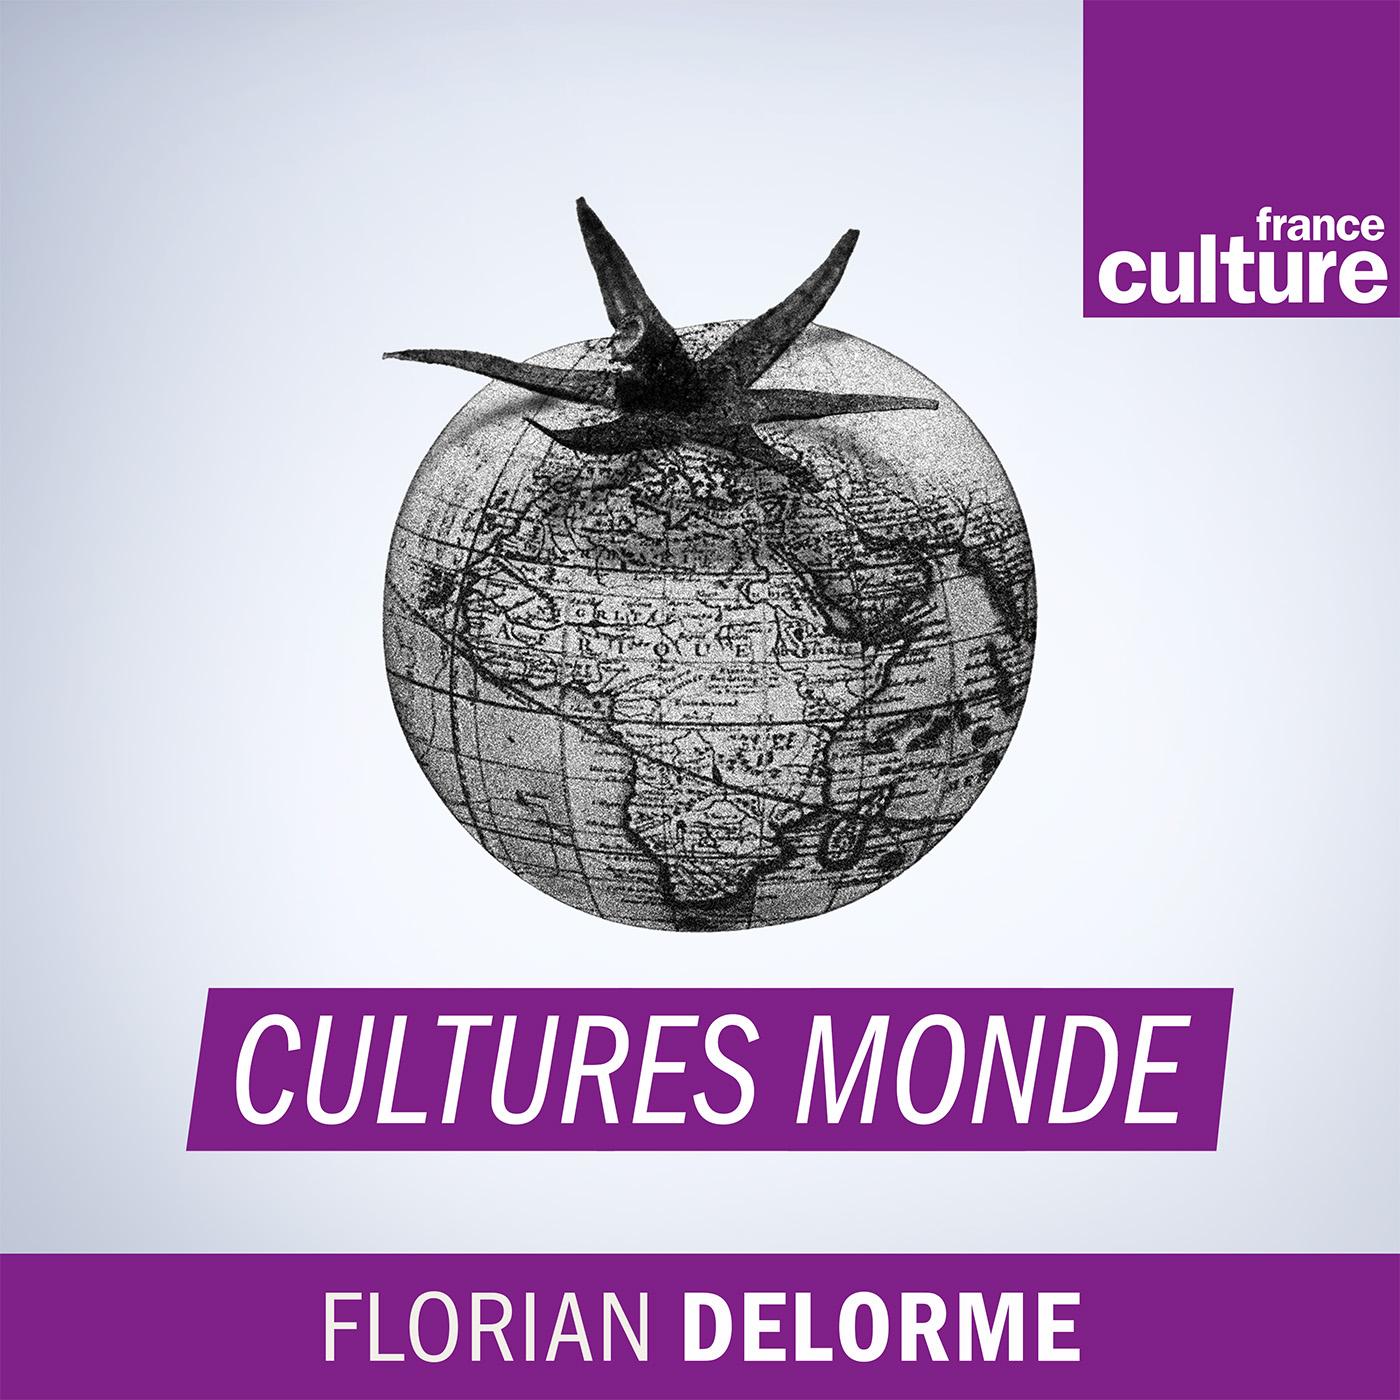 """Résultat de recherche d'images pour """"france culture culture monde"""""""